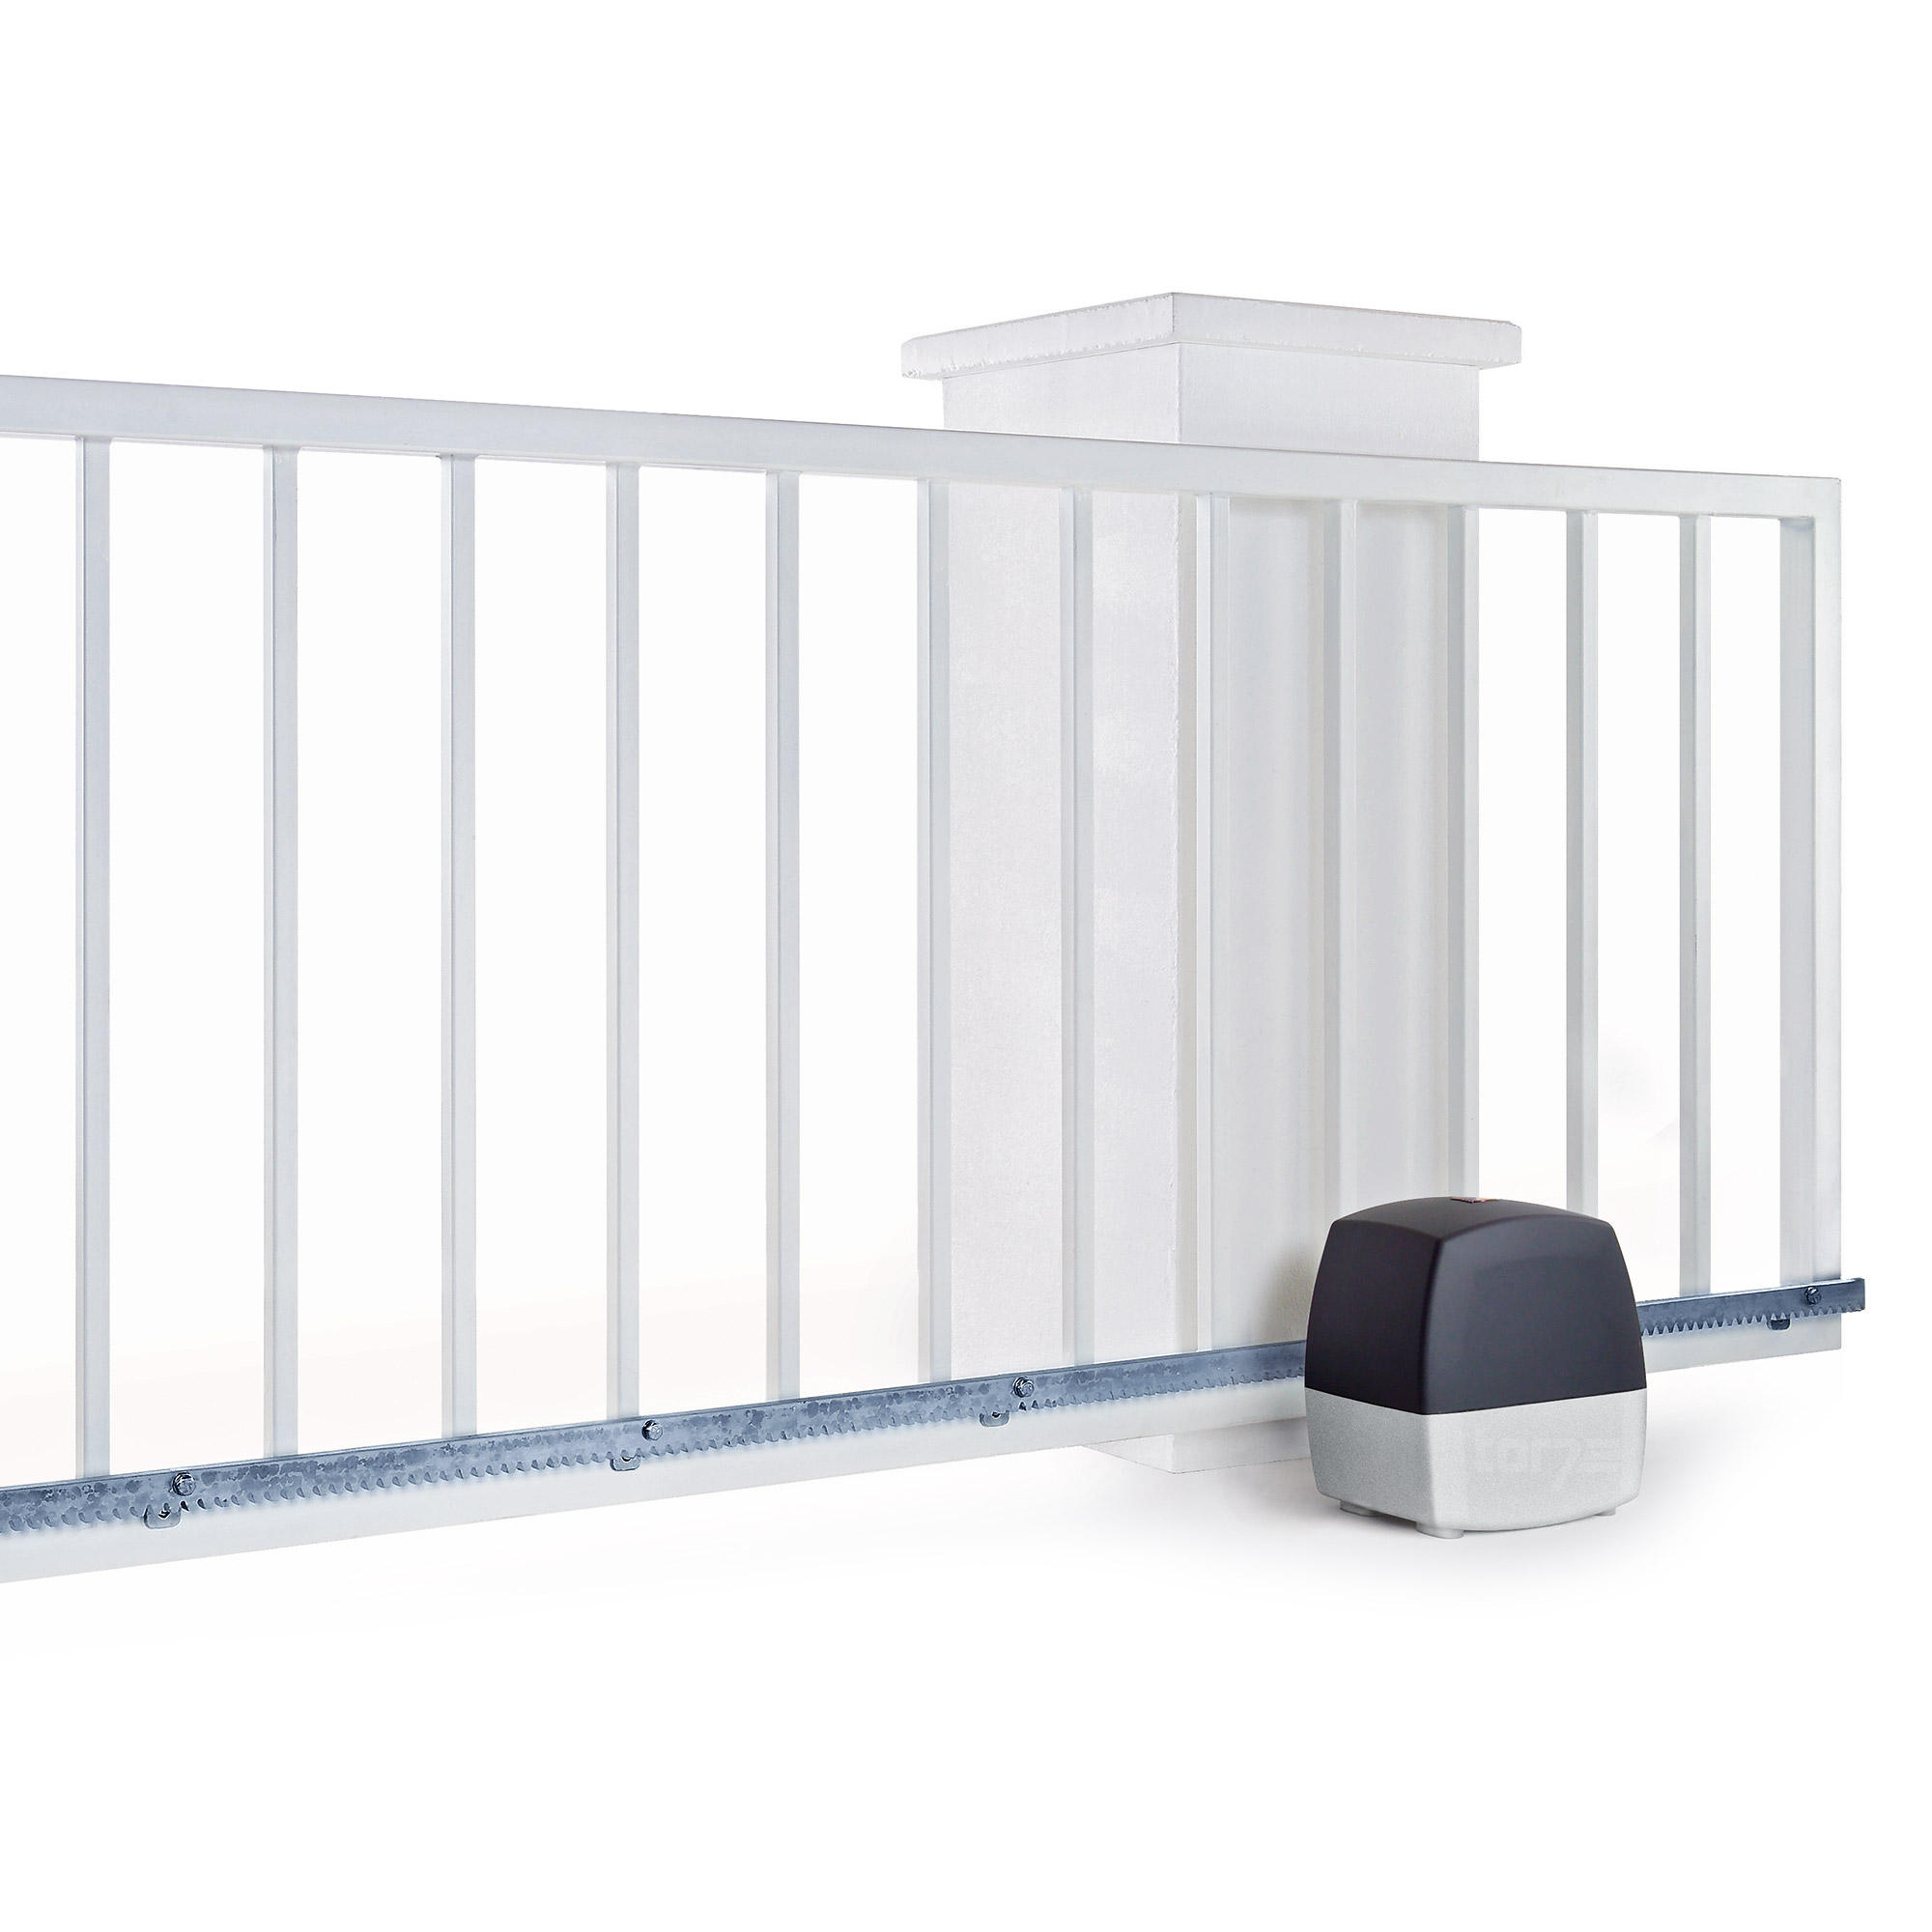 h rmann schiebetorantriebe. Black Bedroom Furniture Sets. Home Design Ideas